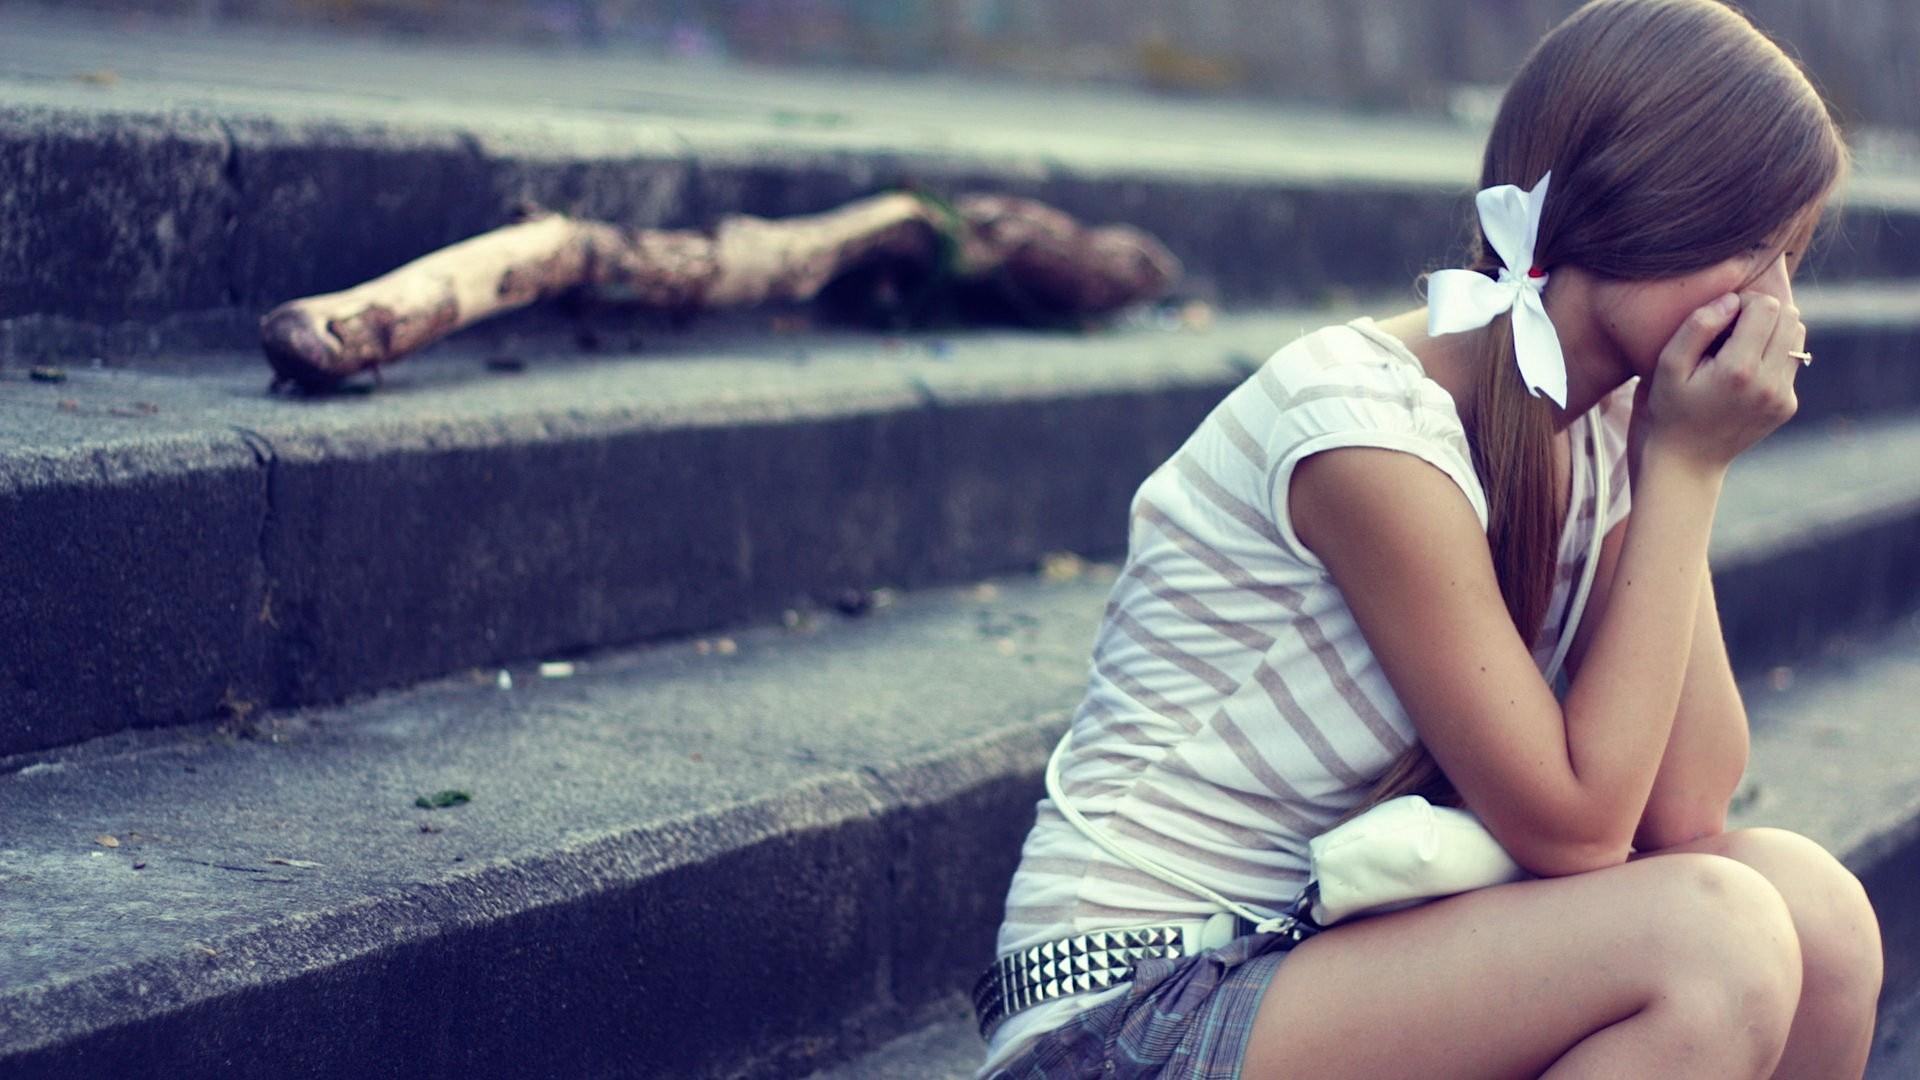 Фото сосунули и она плачет 6 фотография